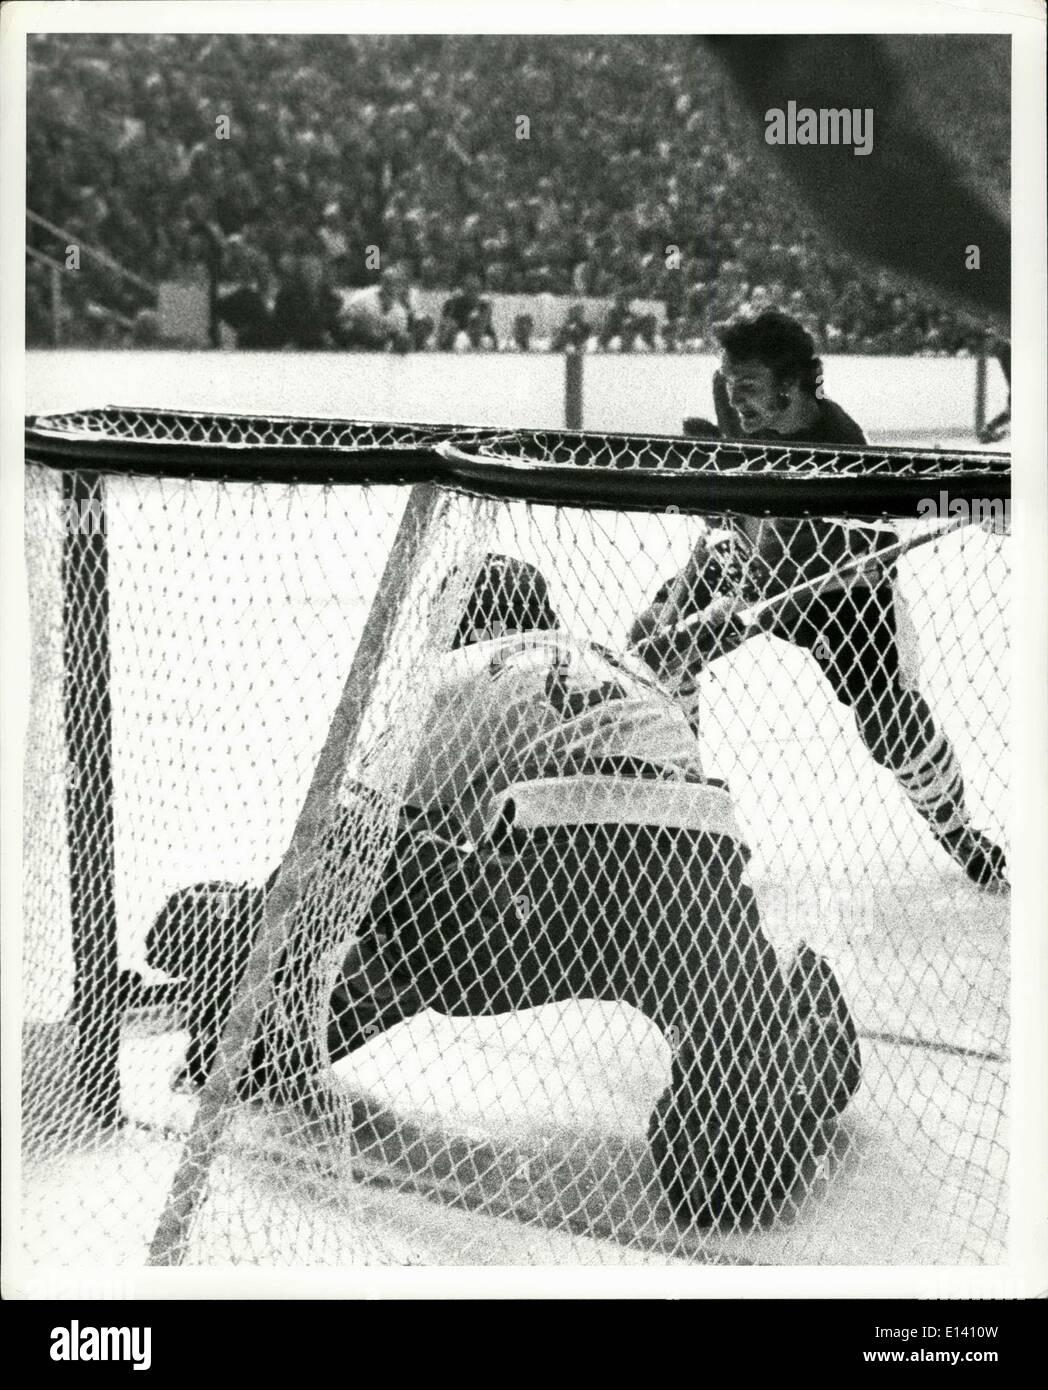 Mar 31, 2012 - URSS hockey su ghiaccio - Vancouver Settembre 1972 Immagini Stock